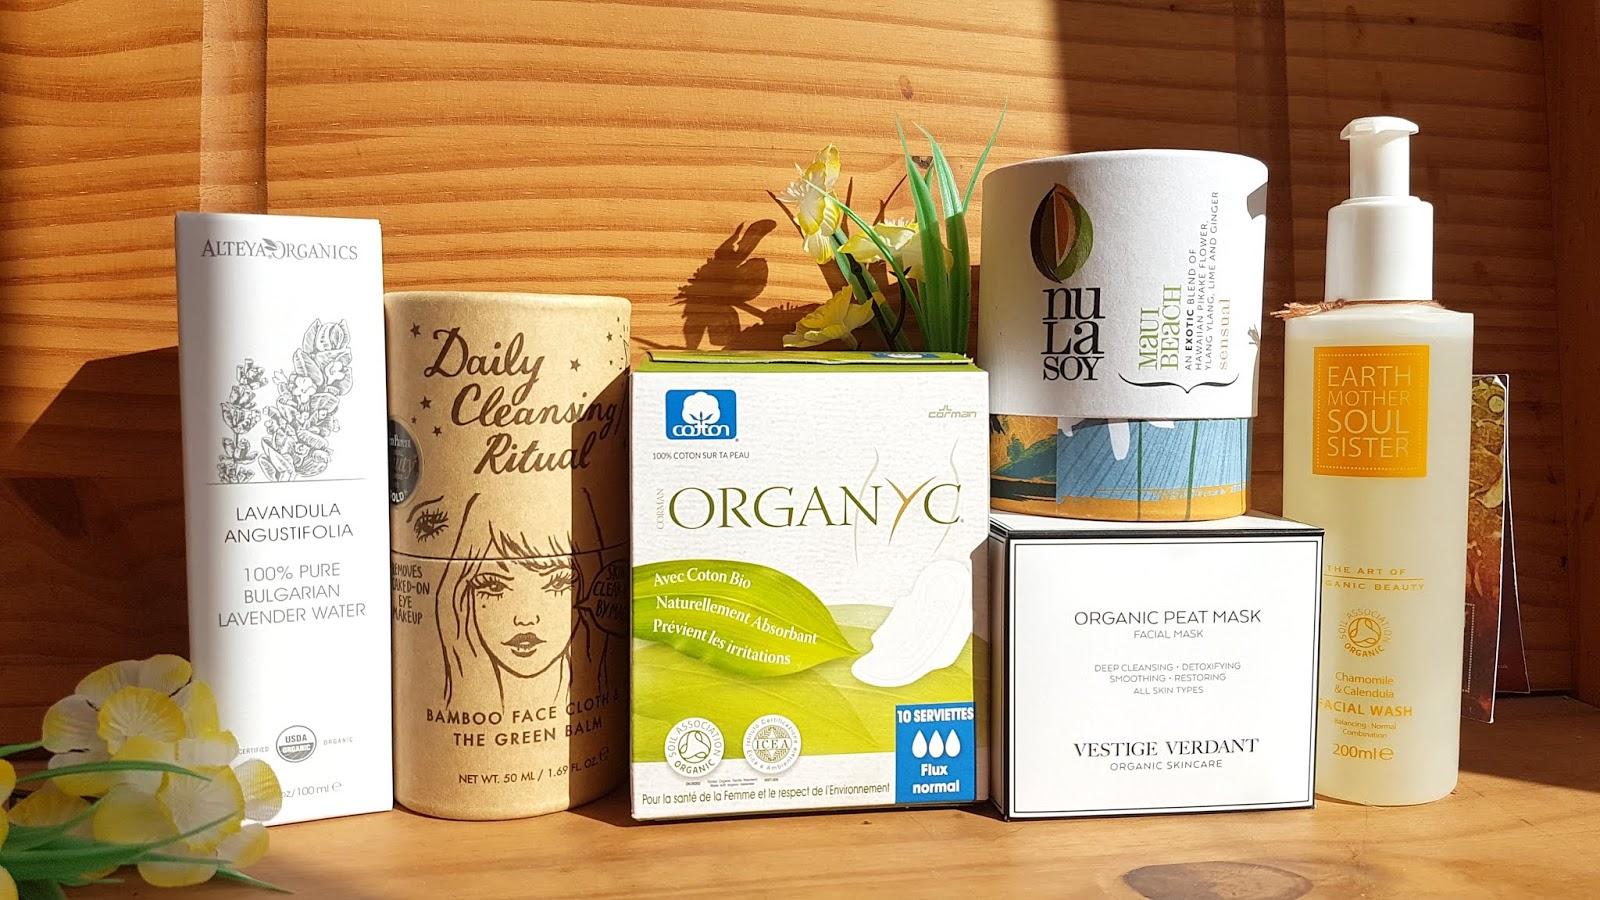 Organyc organic cotton pads